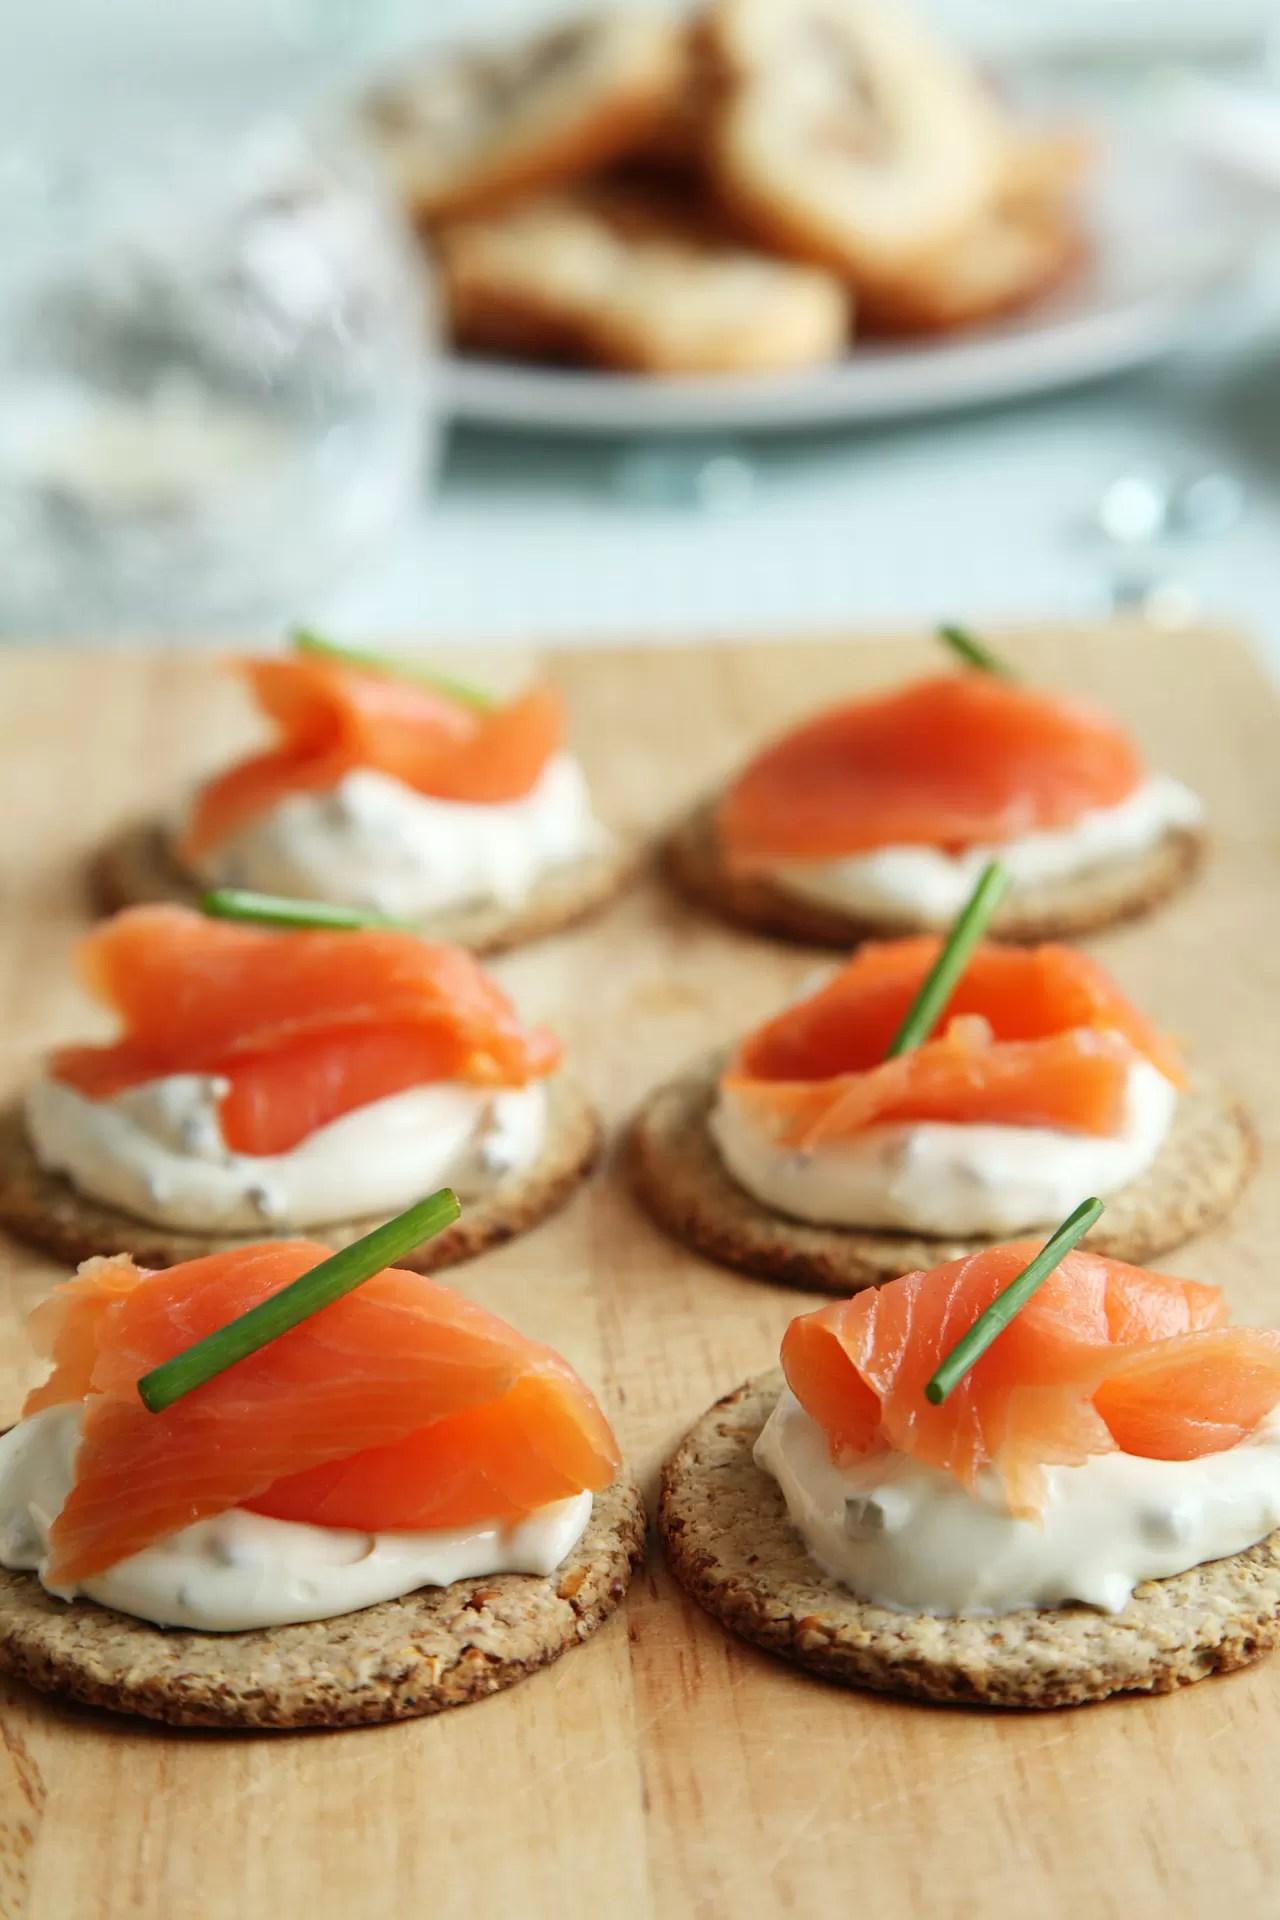 finger food da abbinare al prosecco extra dry dersut - crostini con formaggio spalmabile, salmone affumicato ed erba cipollina